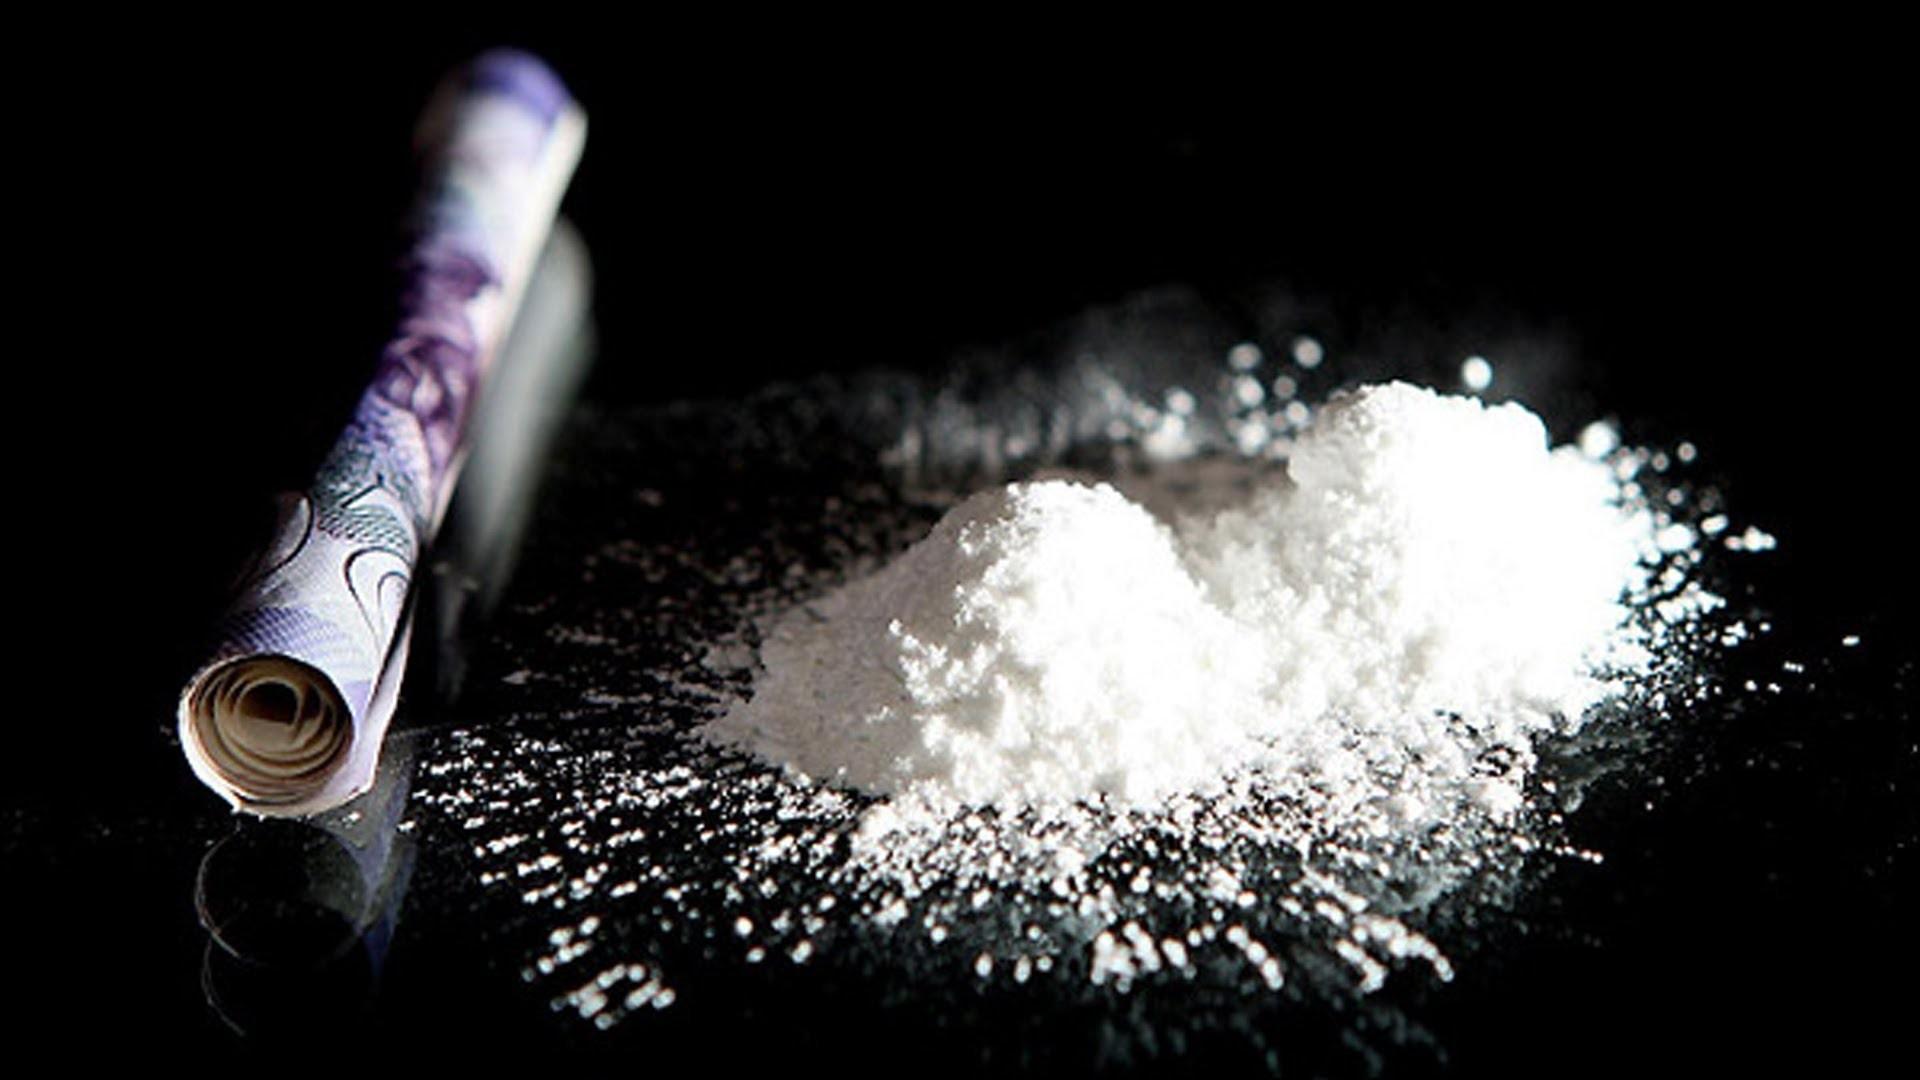 В столице России три человека погибли ототравления наркотиками